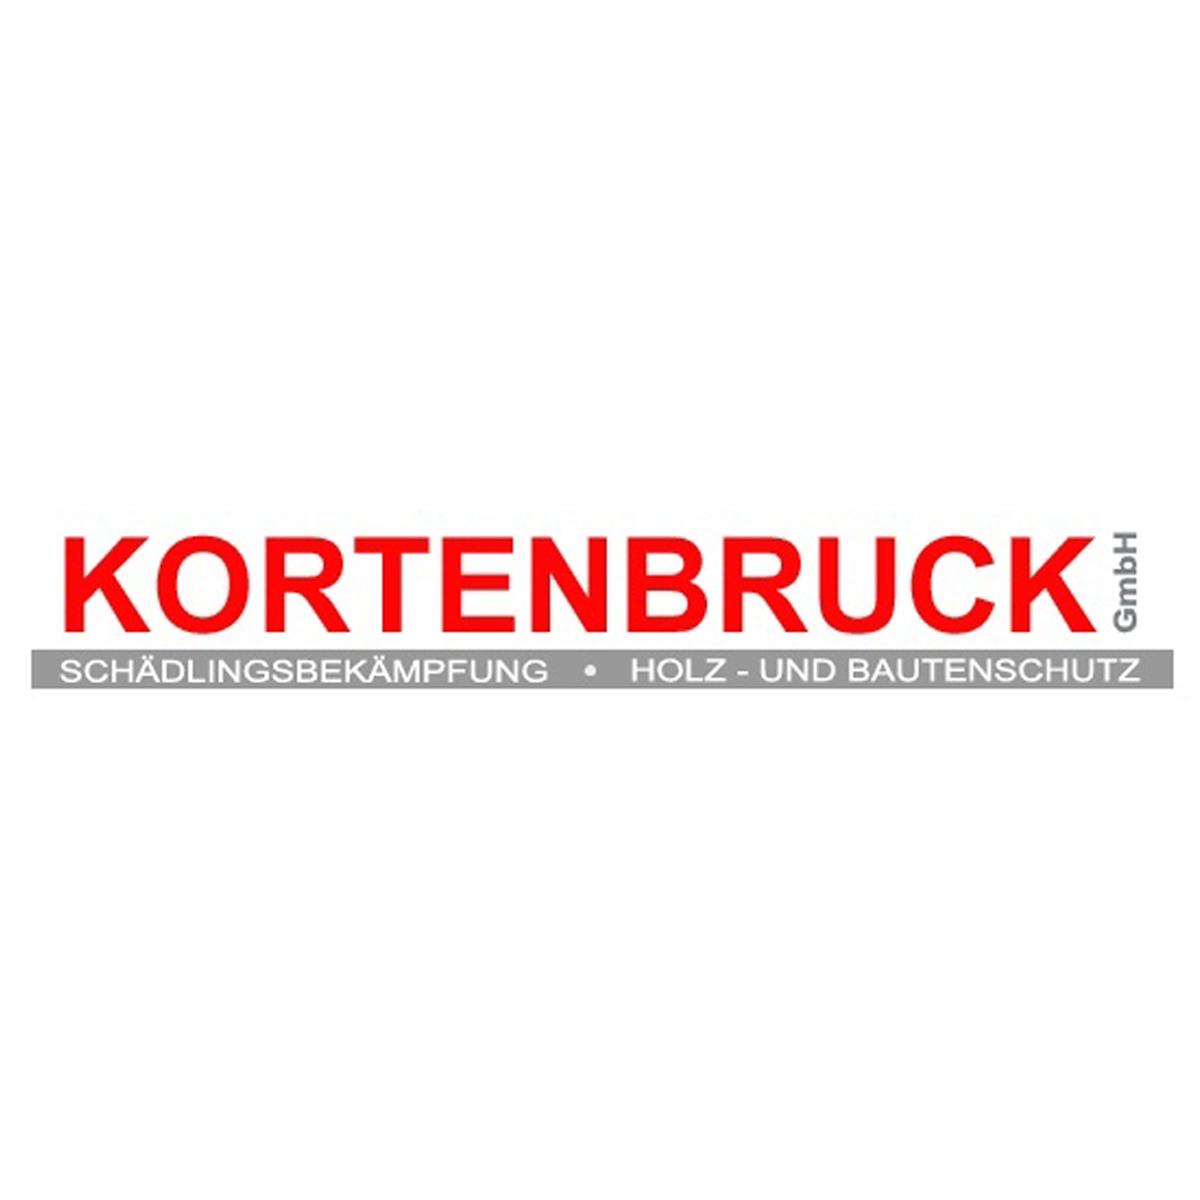 Bild zu Kortenbruck GmbH Schädlingsbekämpfung Holz- und Bautenschutz in Marl